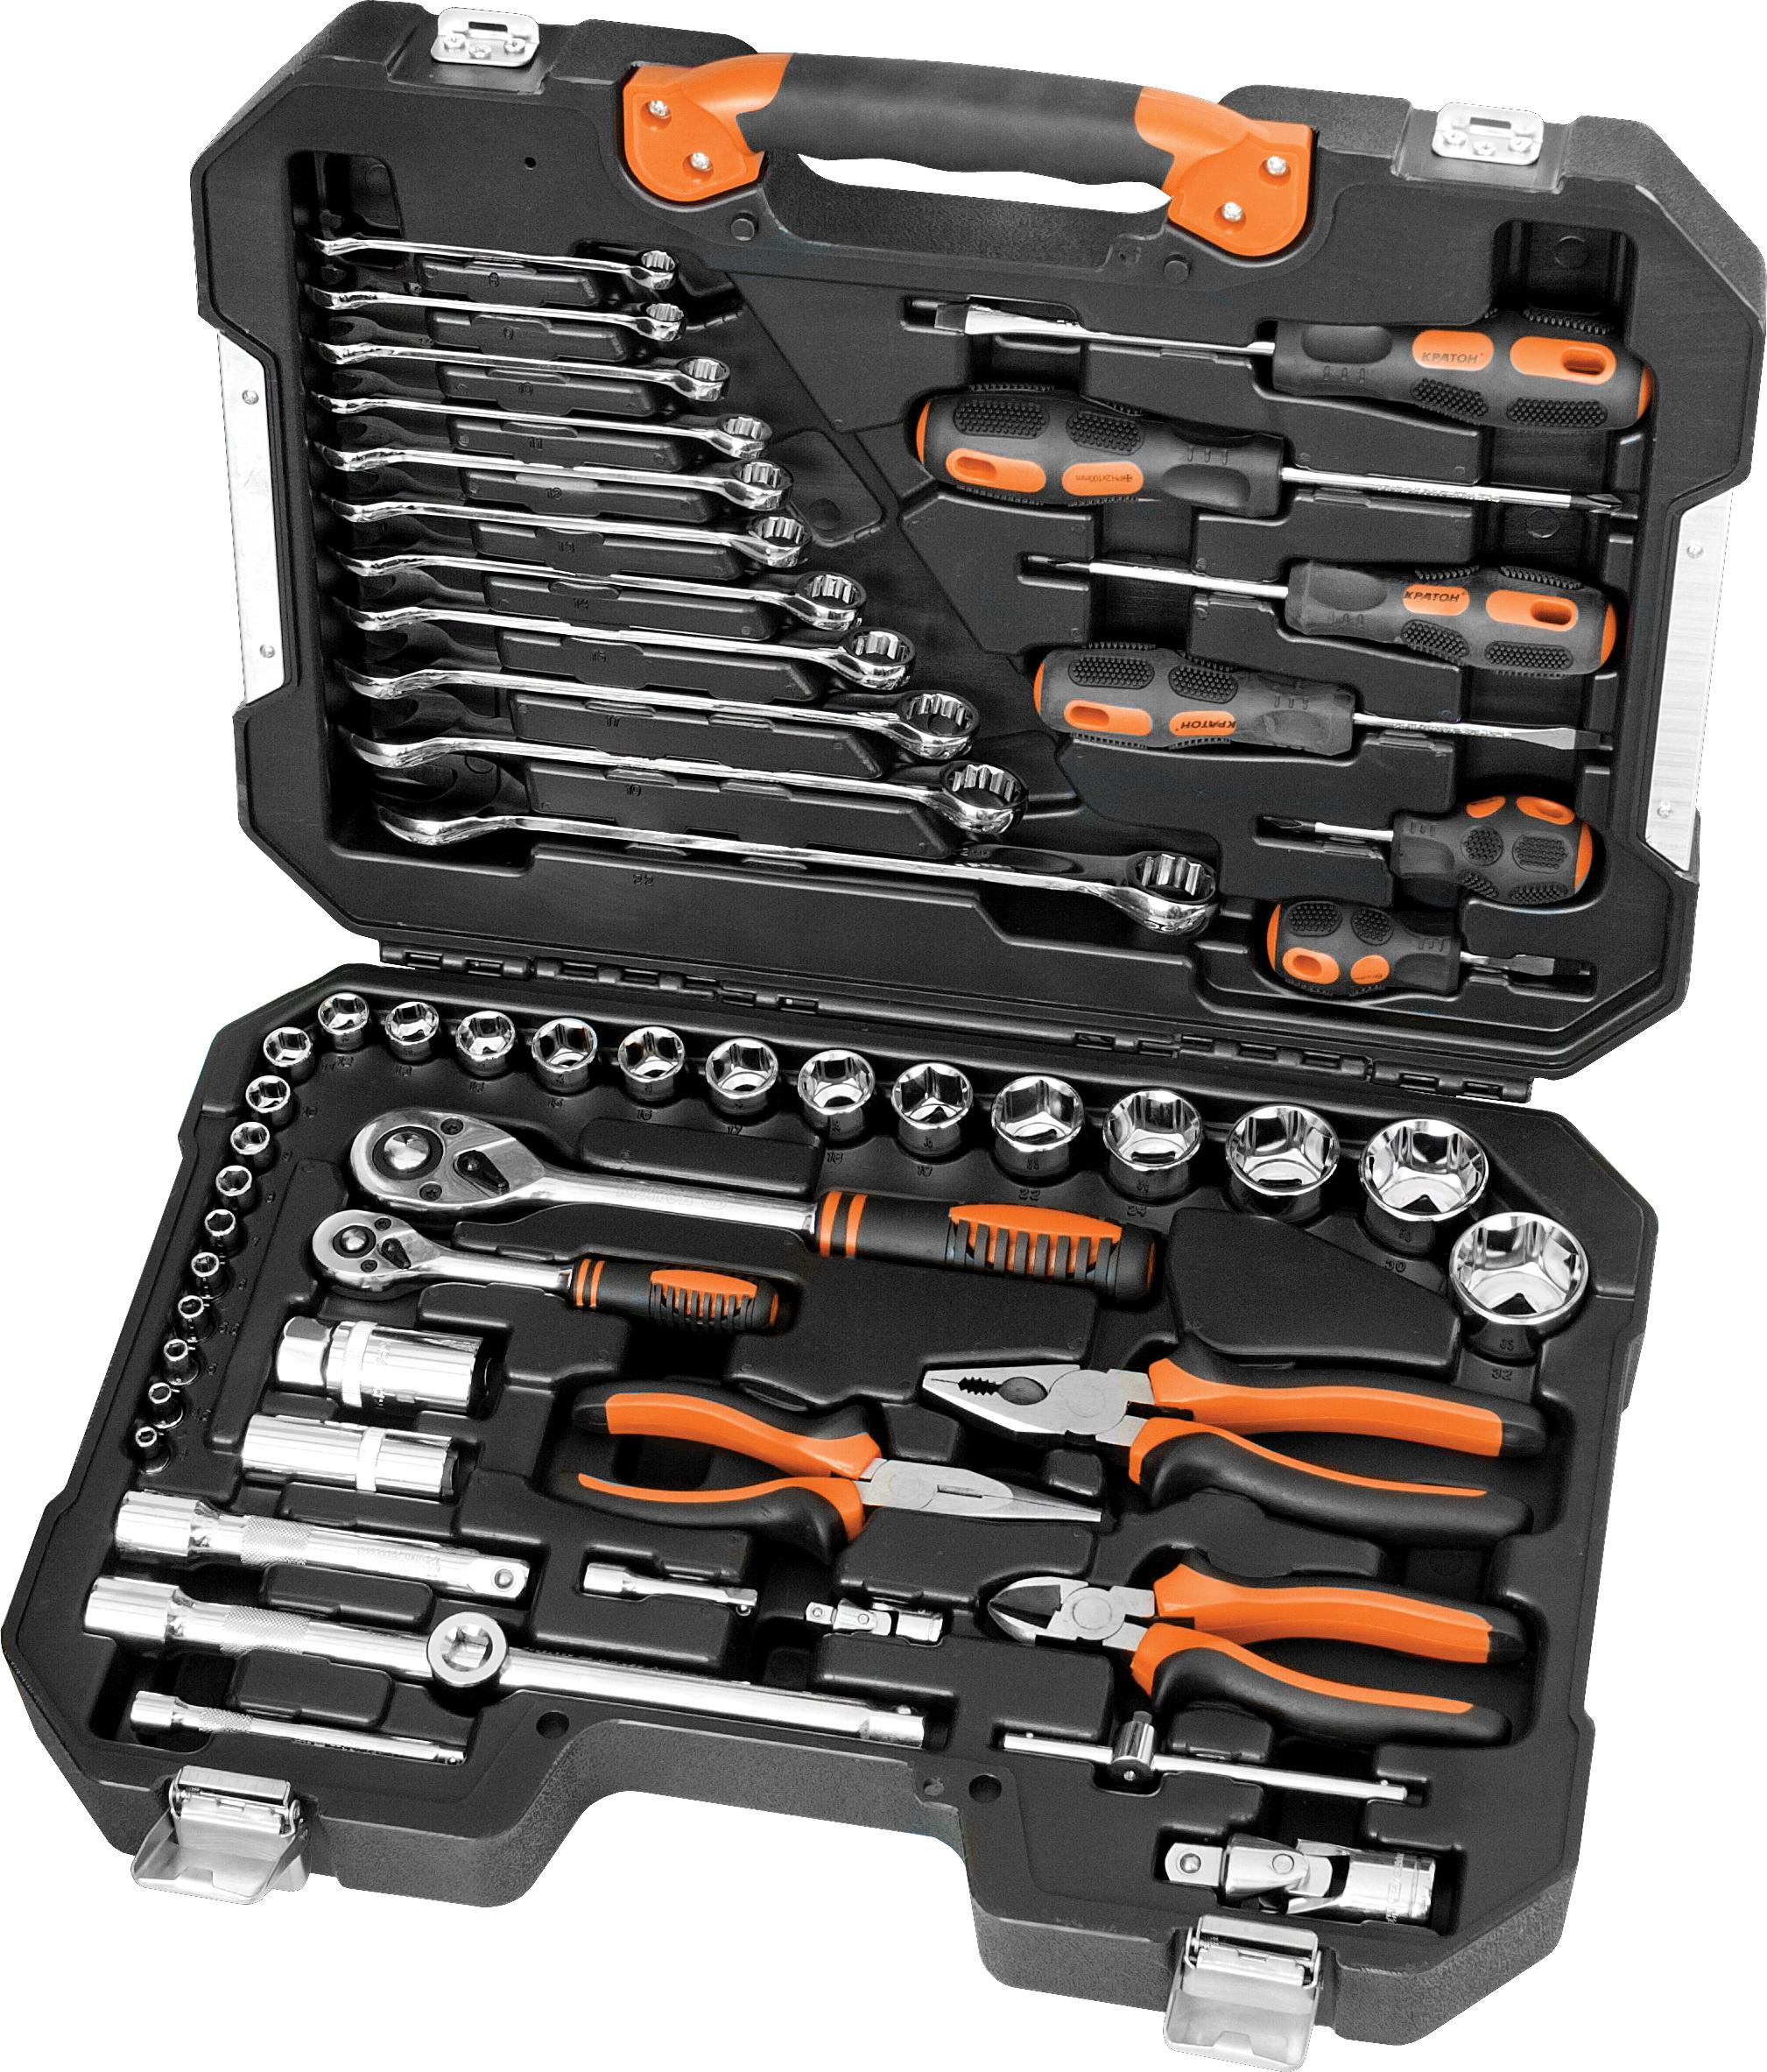 Купить Набор инструментов в чемодане, 55 предметов КРАТОН Ts-24